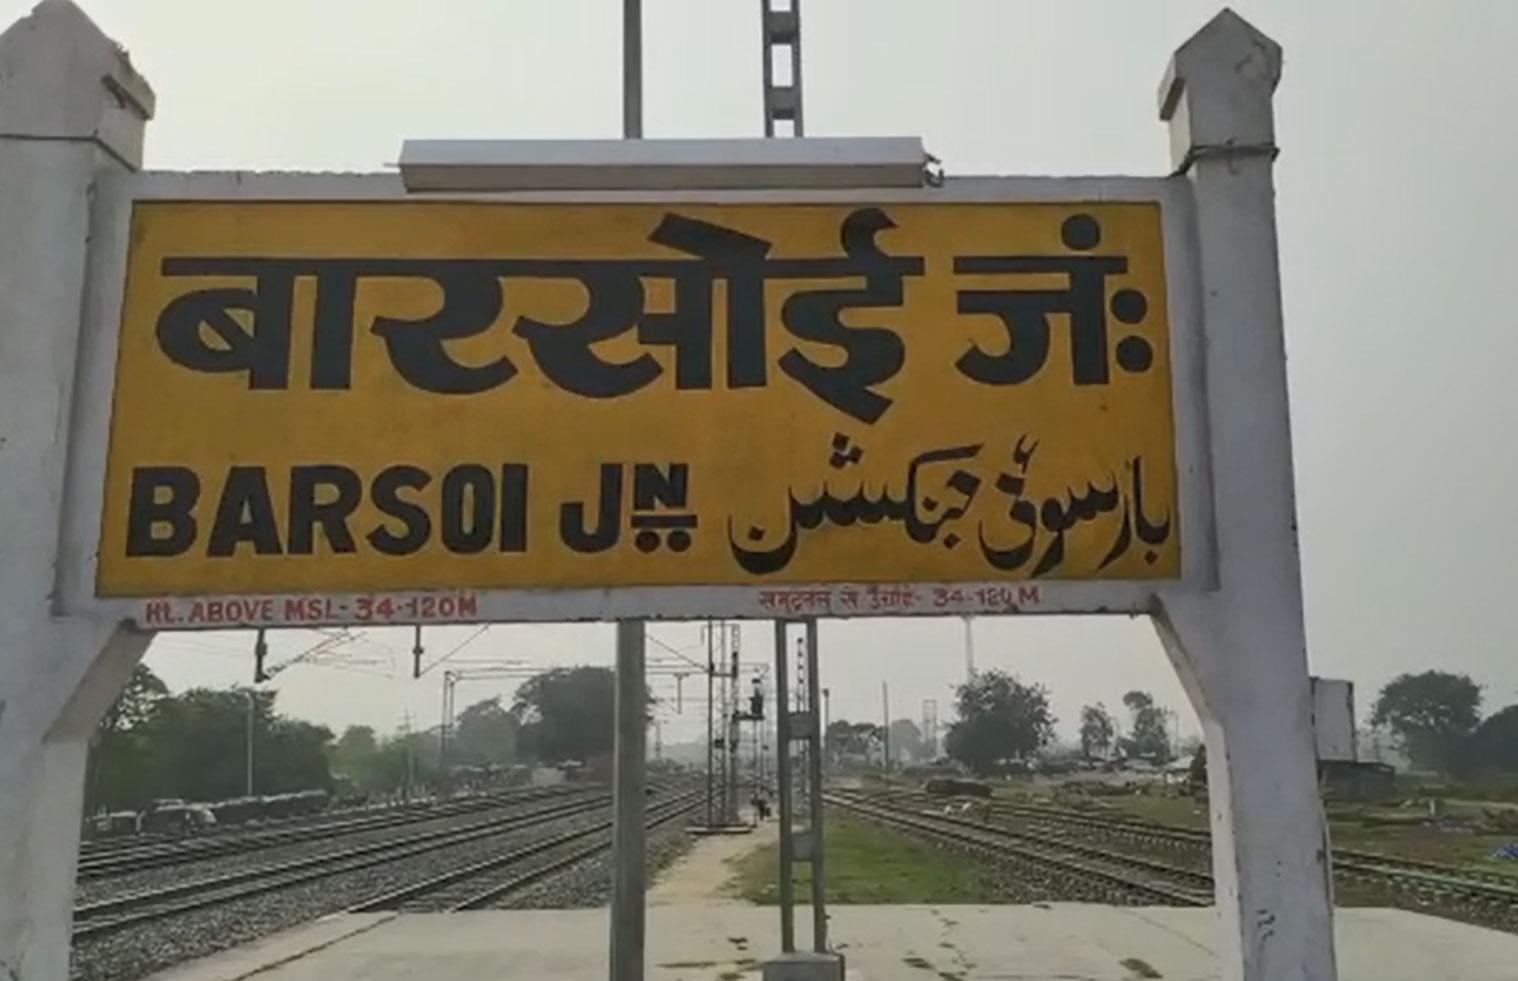 Barsoi Junction